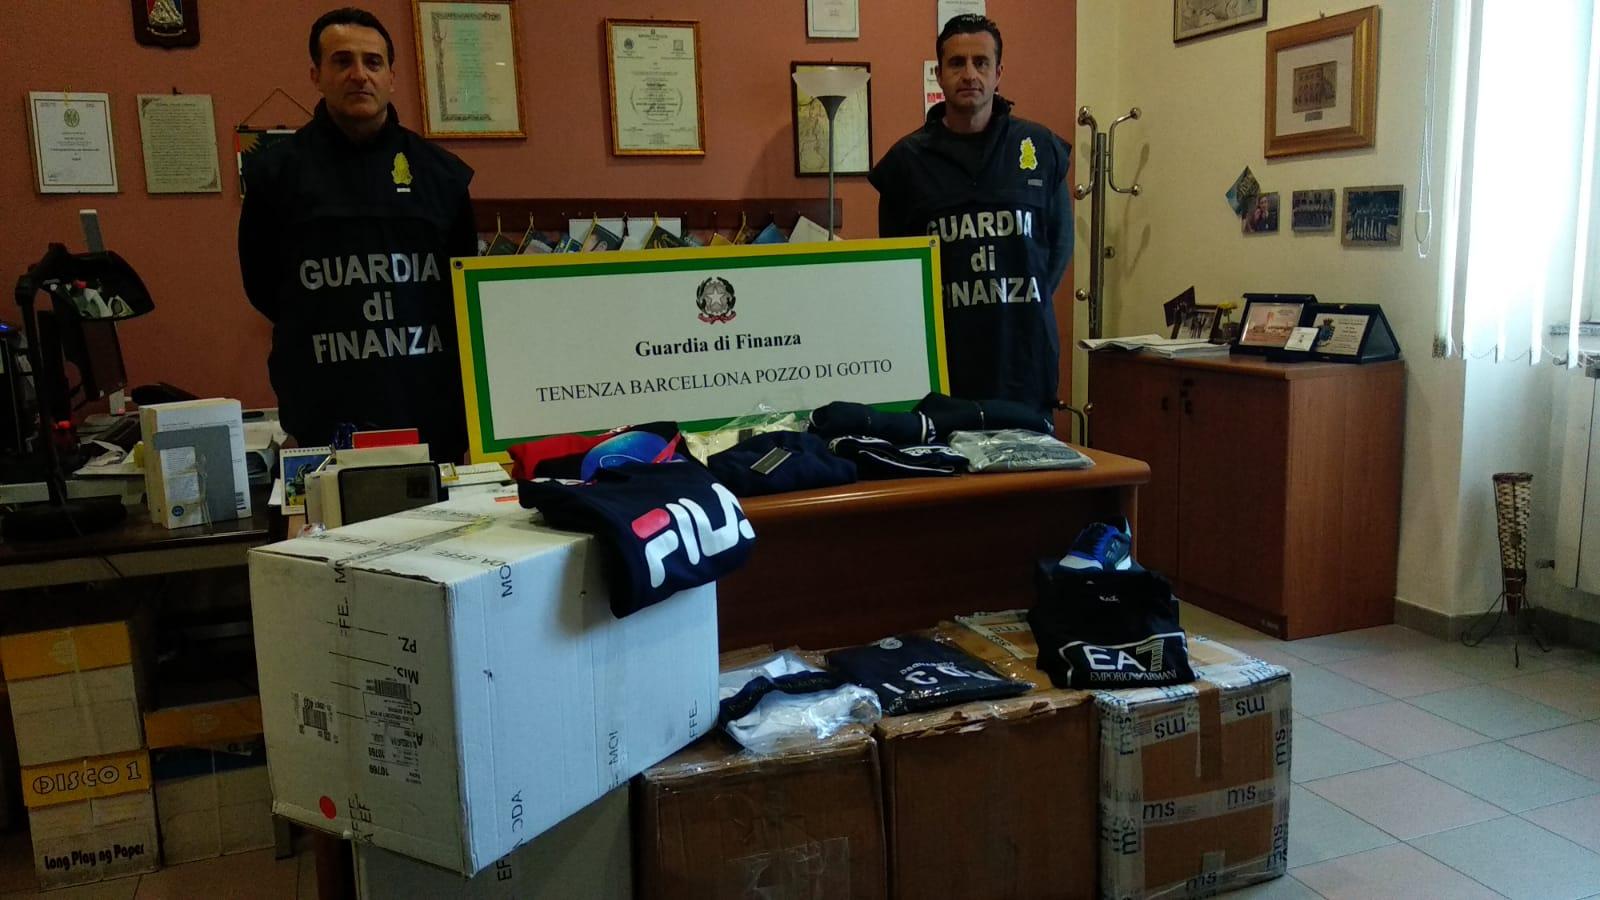 Vende vestiti contraffatti percependo anche il Reddito di cittadinanza: denunciato